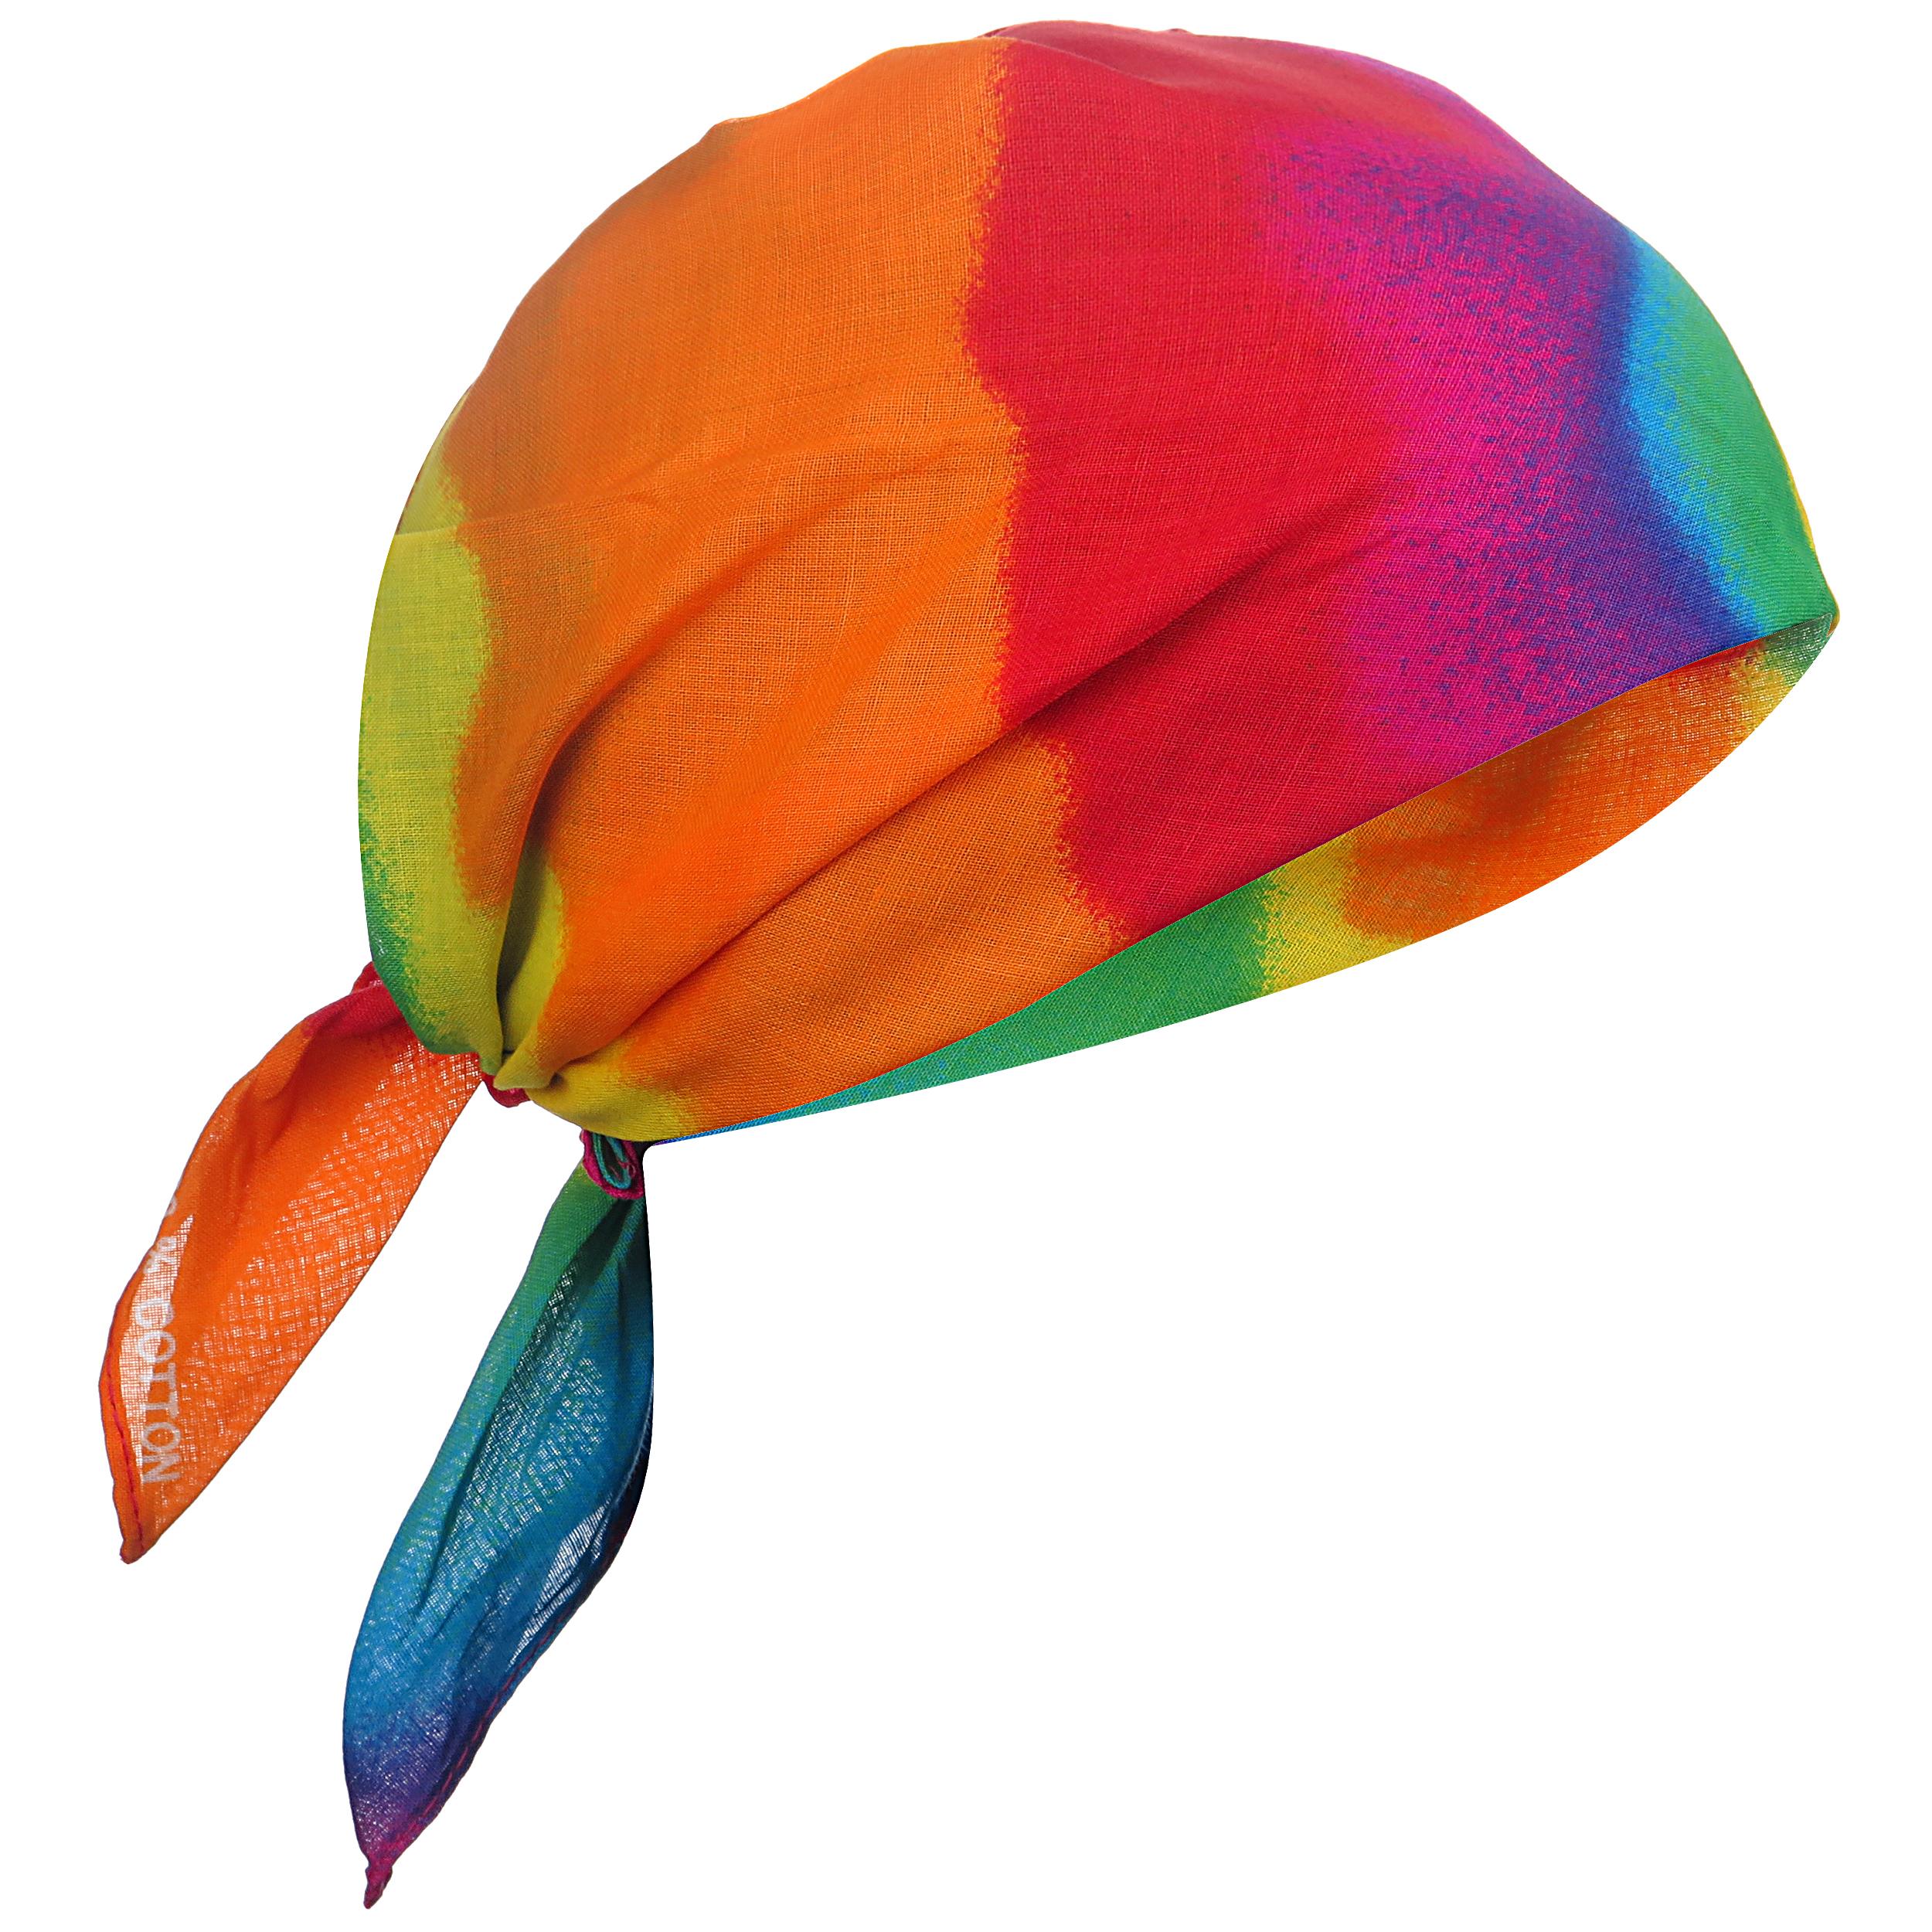 دستمال سر و گردن مدل ابرنگی